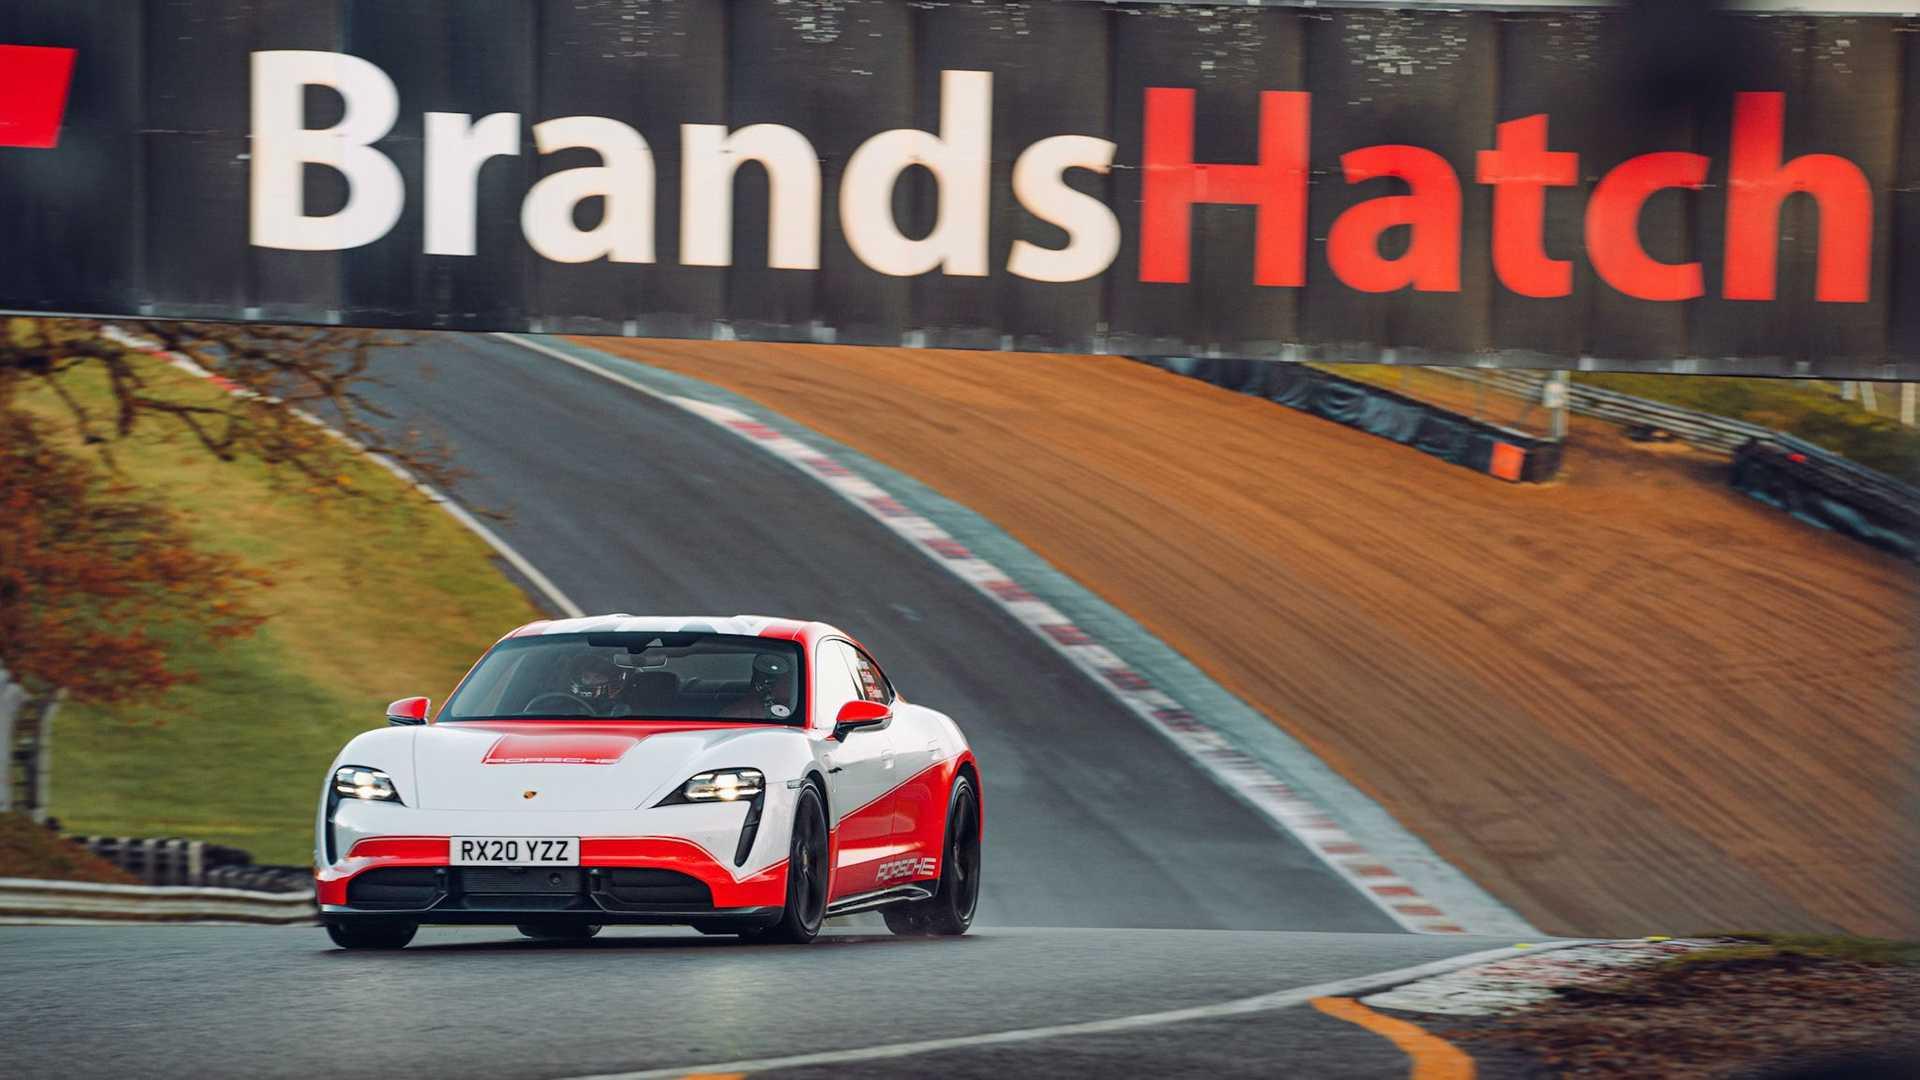 Porsche-Taycan-At-Brands-Hatch-Circuit-14